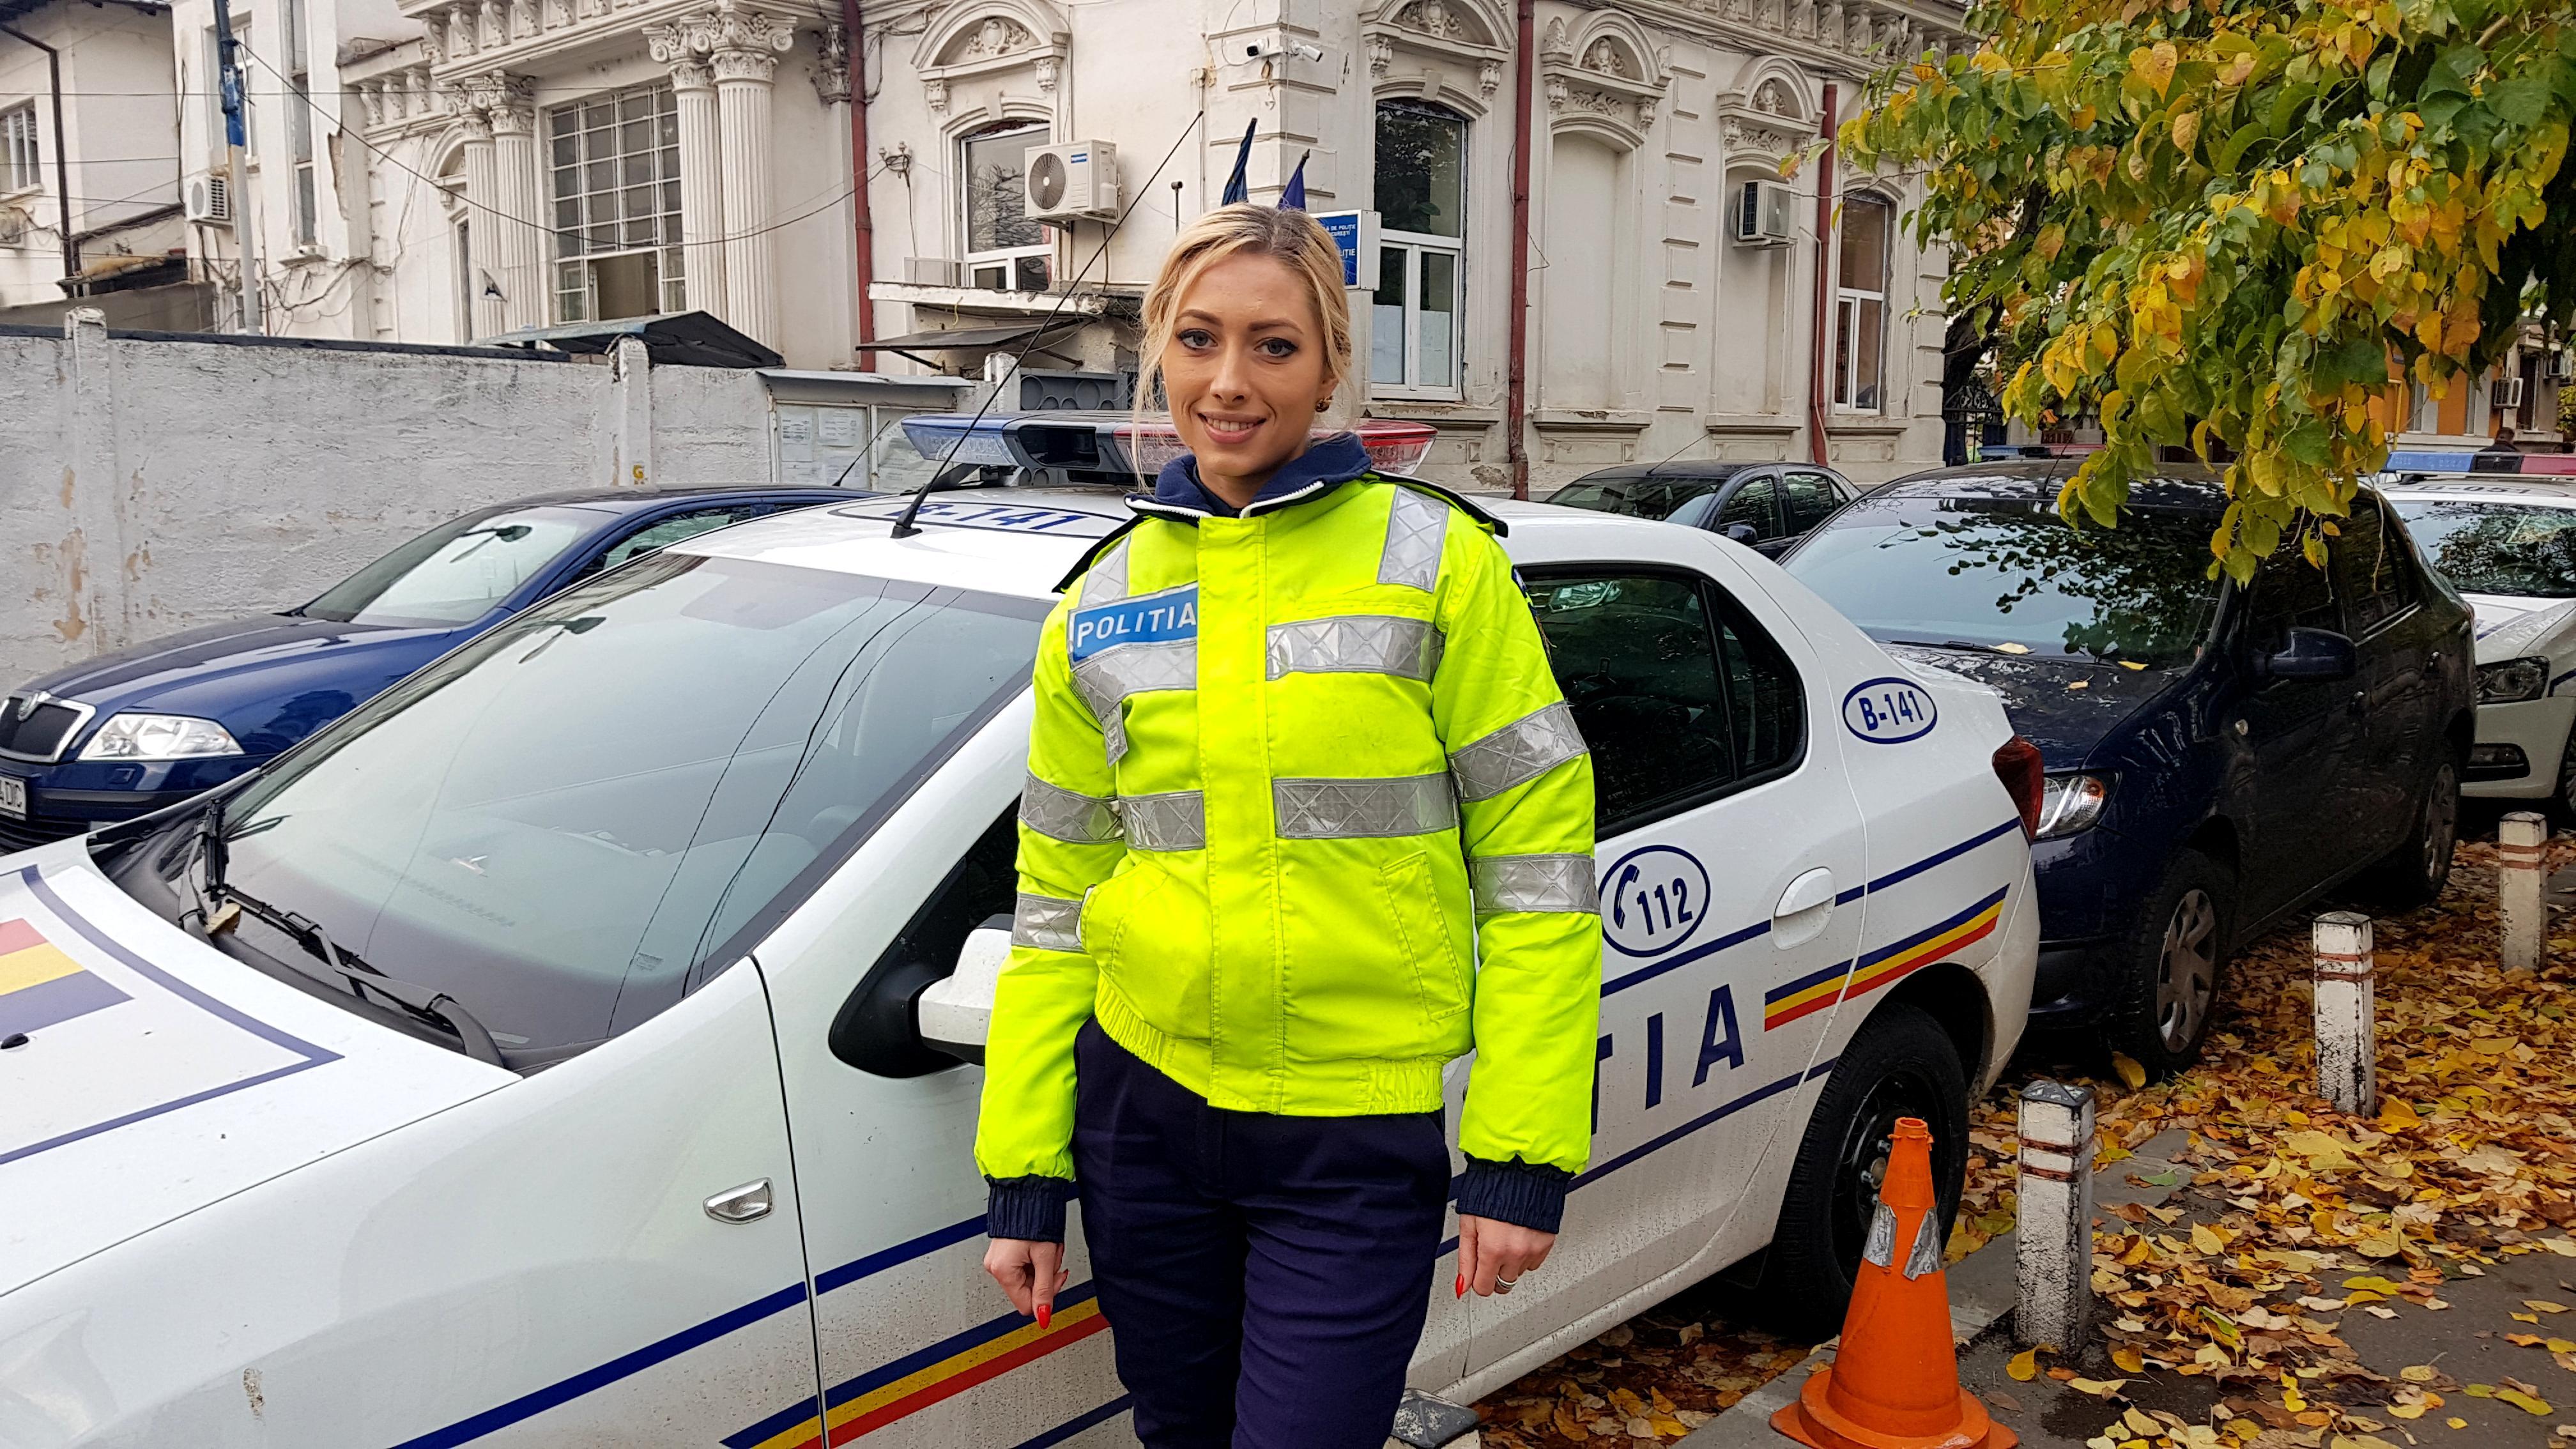 """Blonda de la """"Rutieră""""! Poliţista devenită """"virală"""" pe internet, după ce a recuperat un telefon furat. """"Eram în intersecţie, la dirijare, când s-a petrecut totul. Când fata a venit la mine ..."""" 1"""